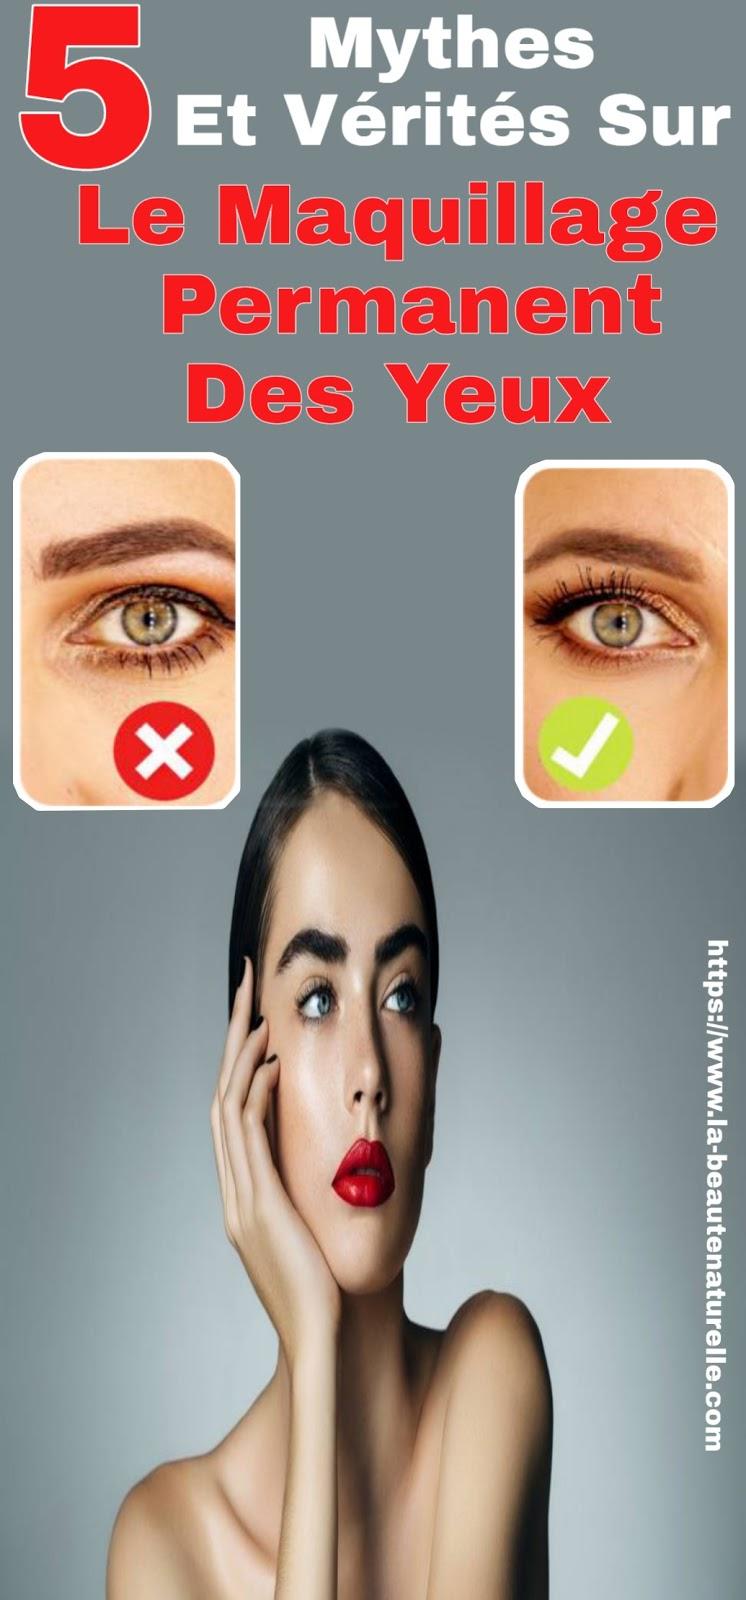 5 Mythes Et Vérités Sur Le Maquillage Permanent Des Yeux